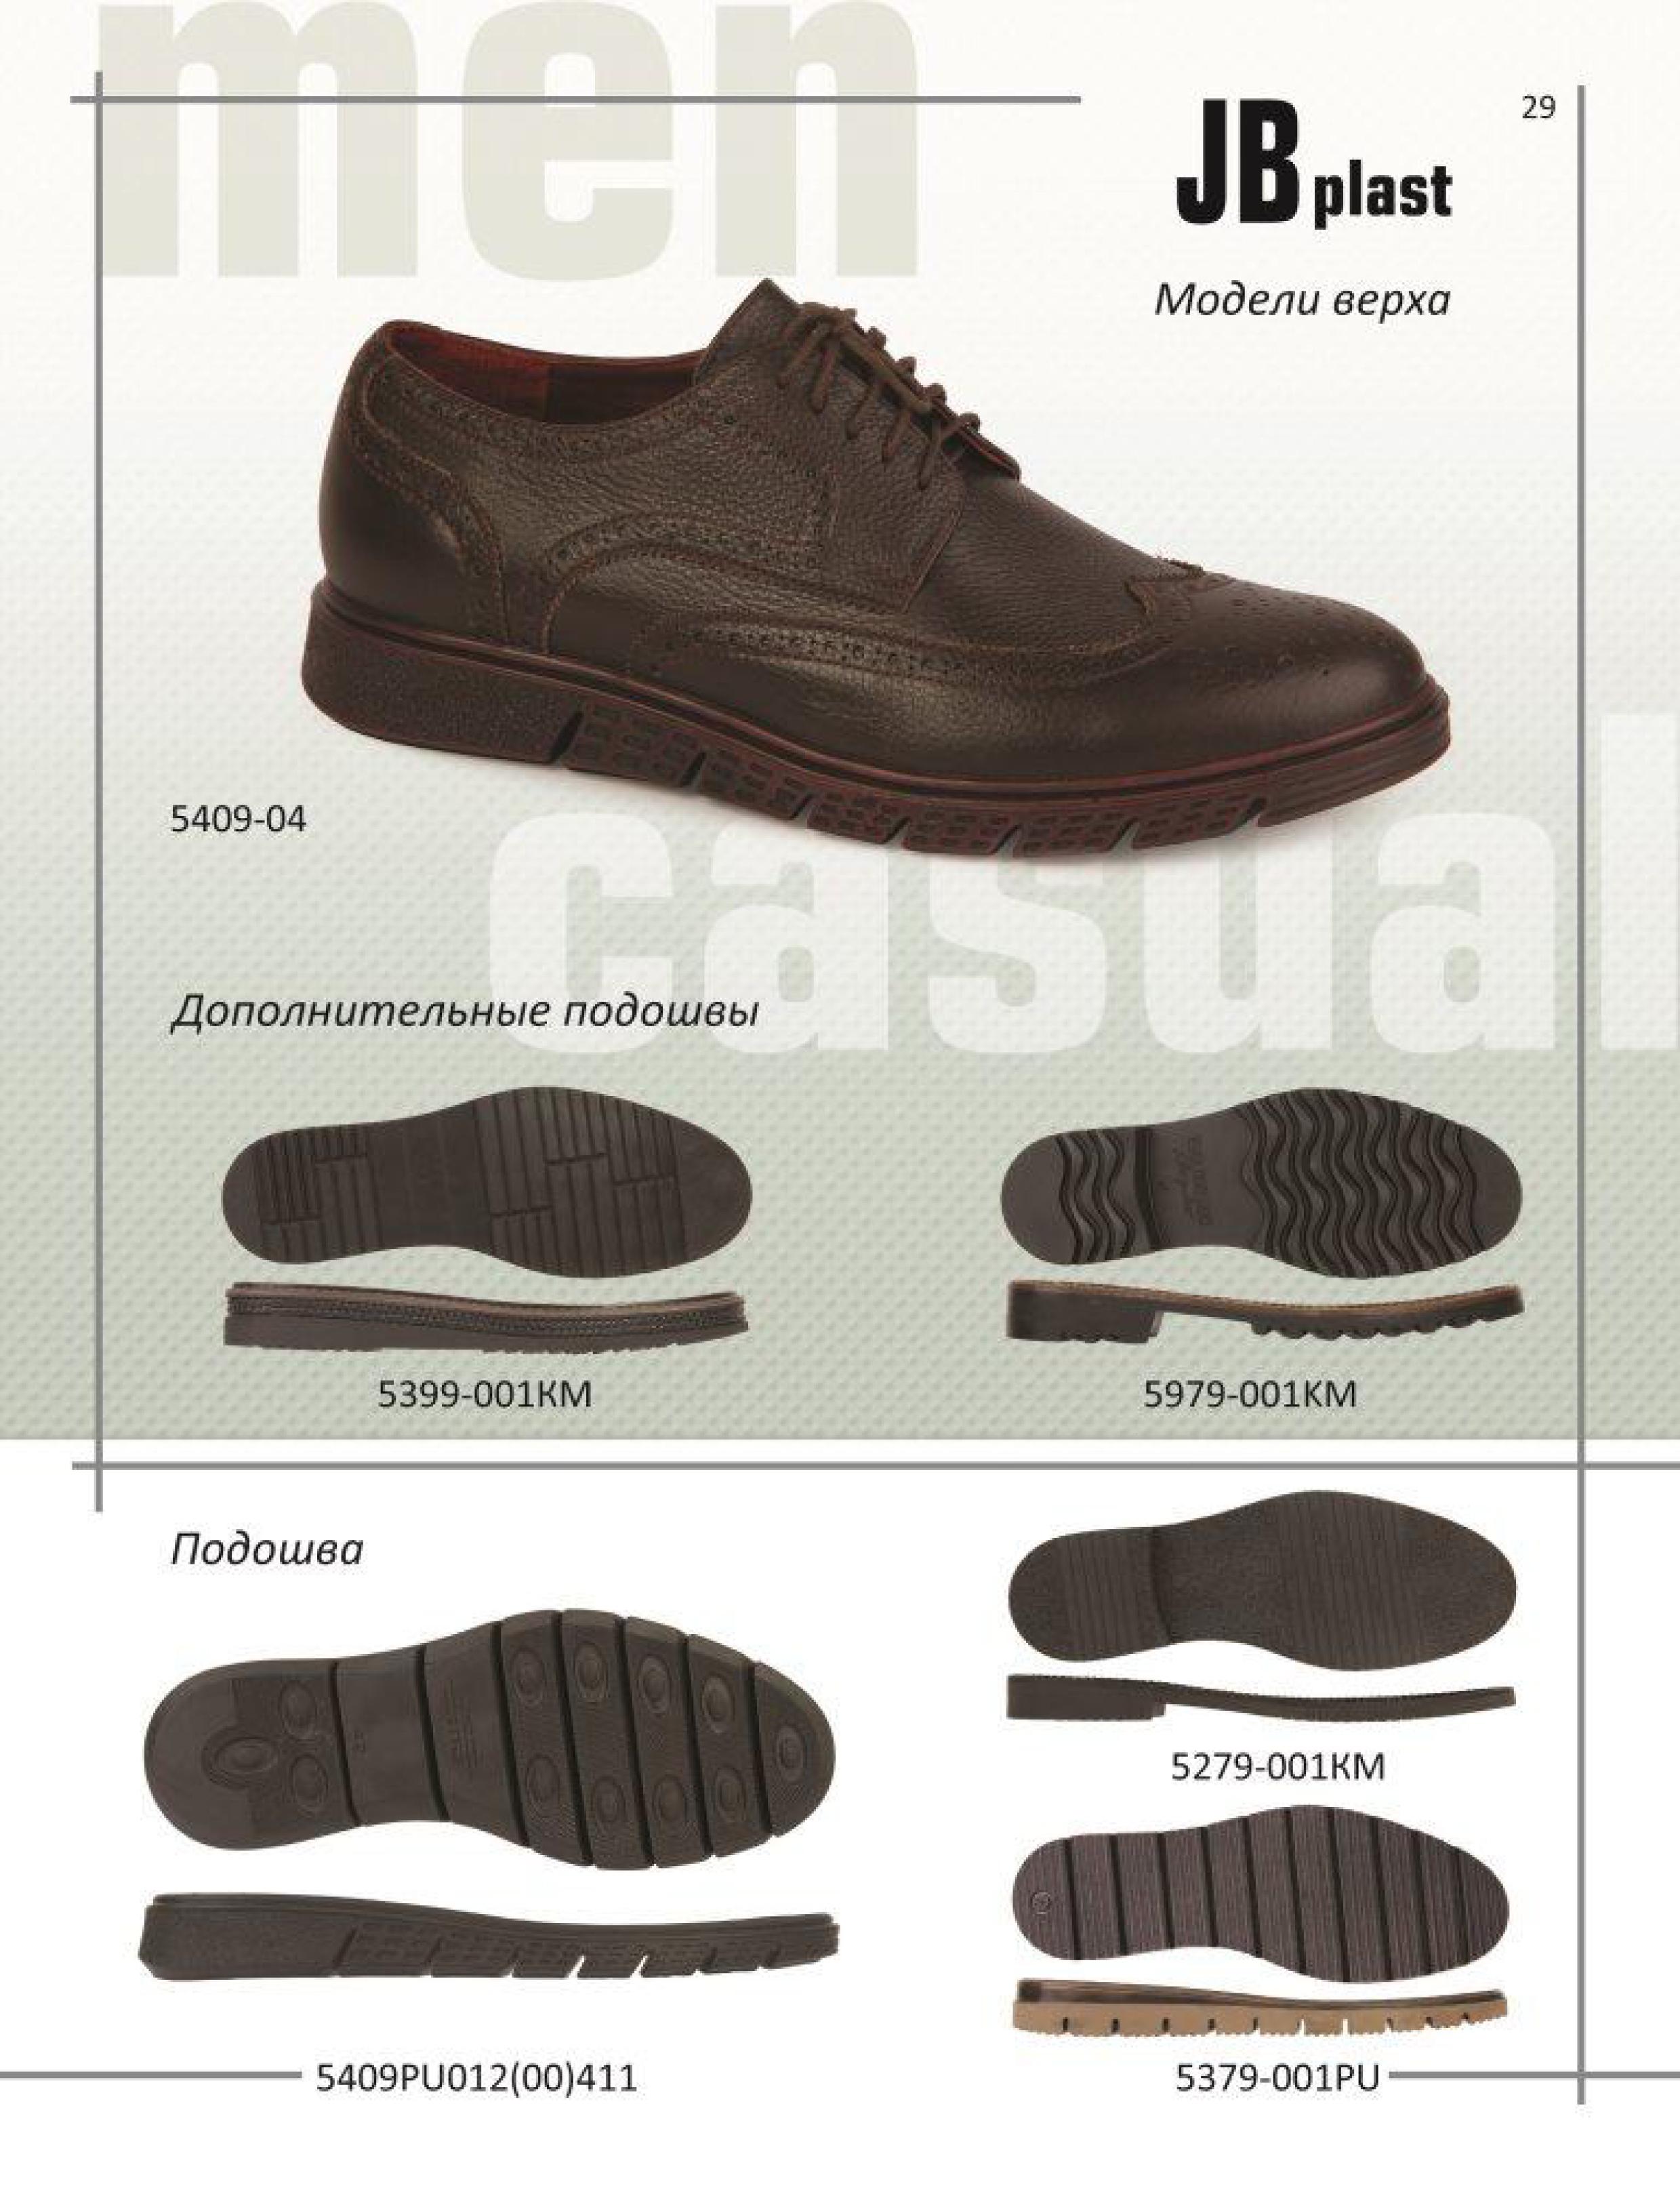 стельки для мужской обуви в москве